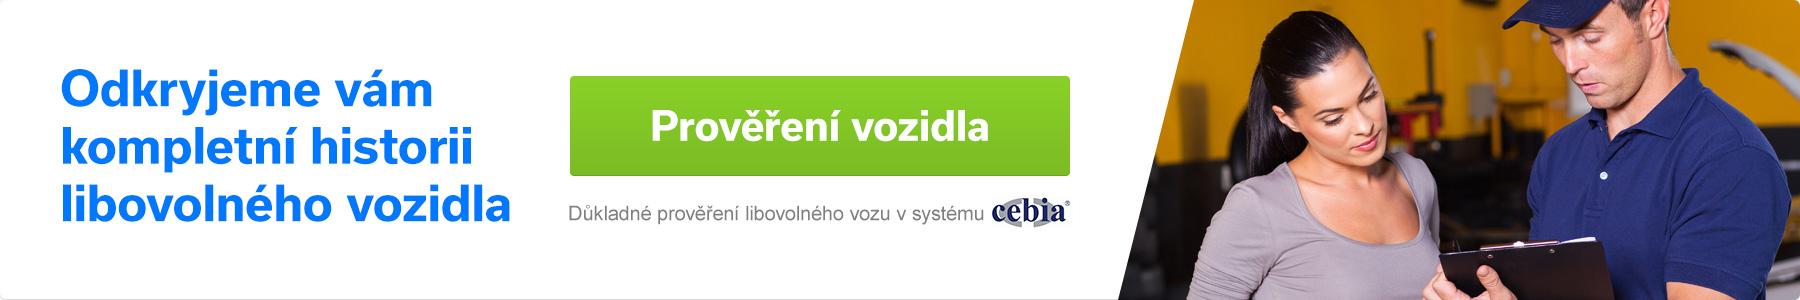 Odkryjeme vám kompletní historii vozidla - Cebia